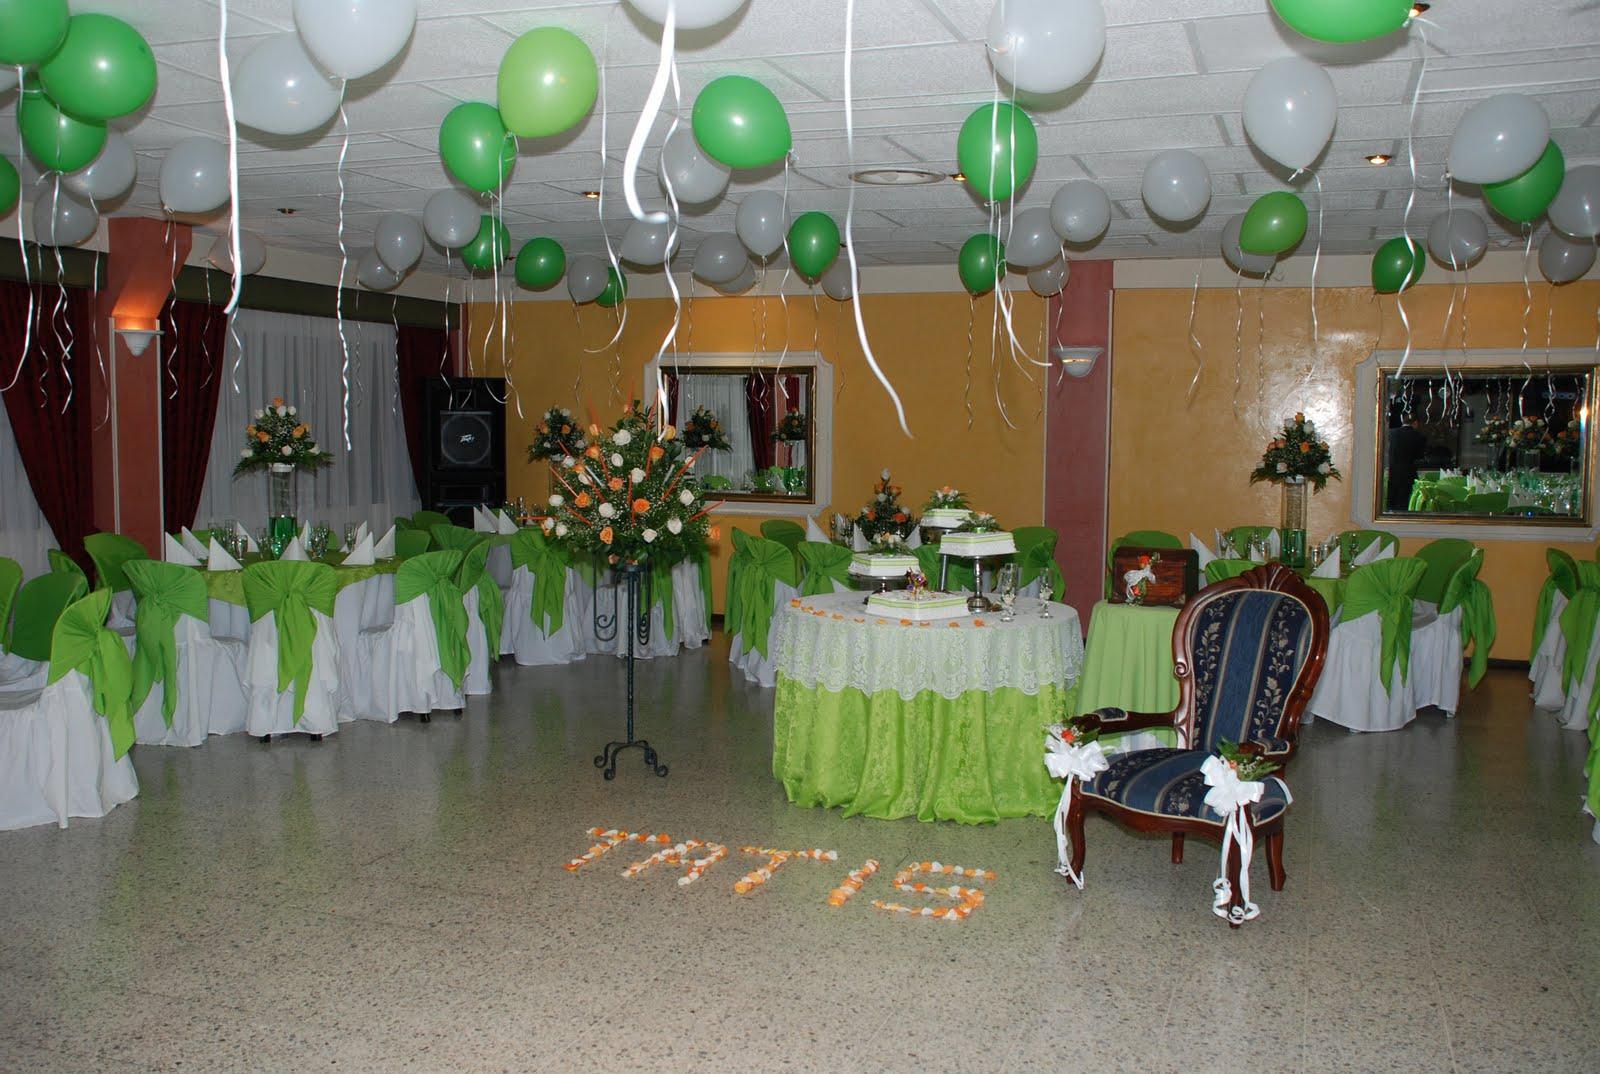 Princeps 15 a os tradicionales tem ticos decoraciones - Decoraciones de salones de casa ...